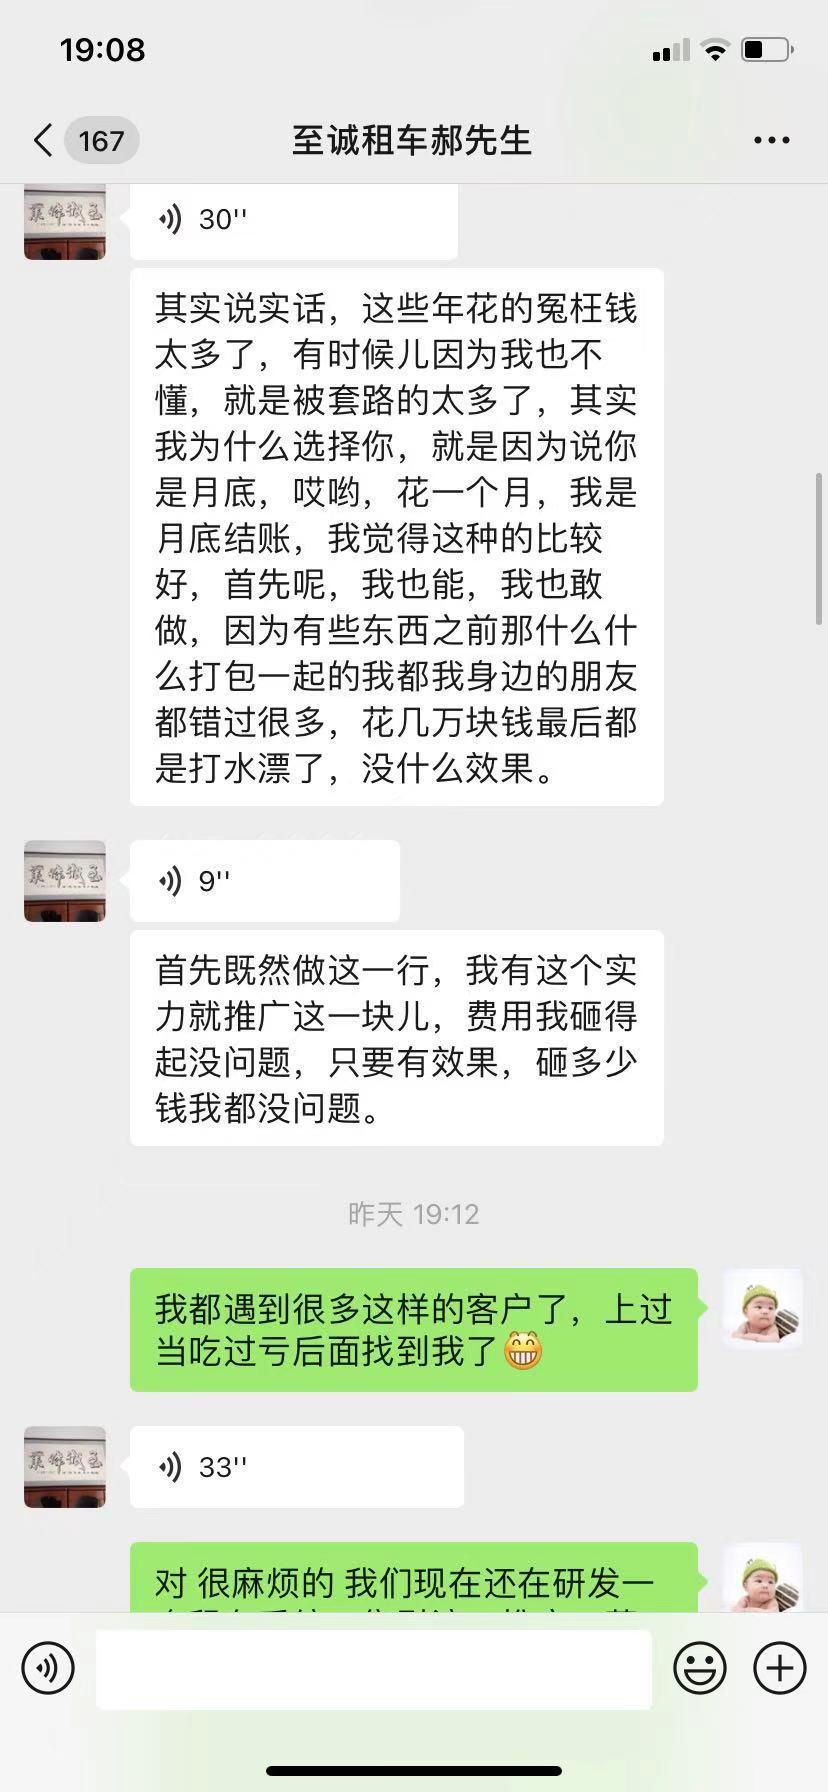 感谢北京租车公司客户对我司的评价与认可